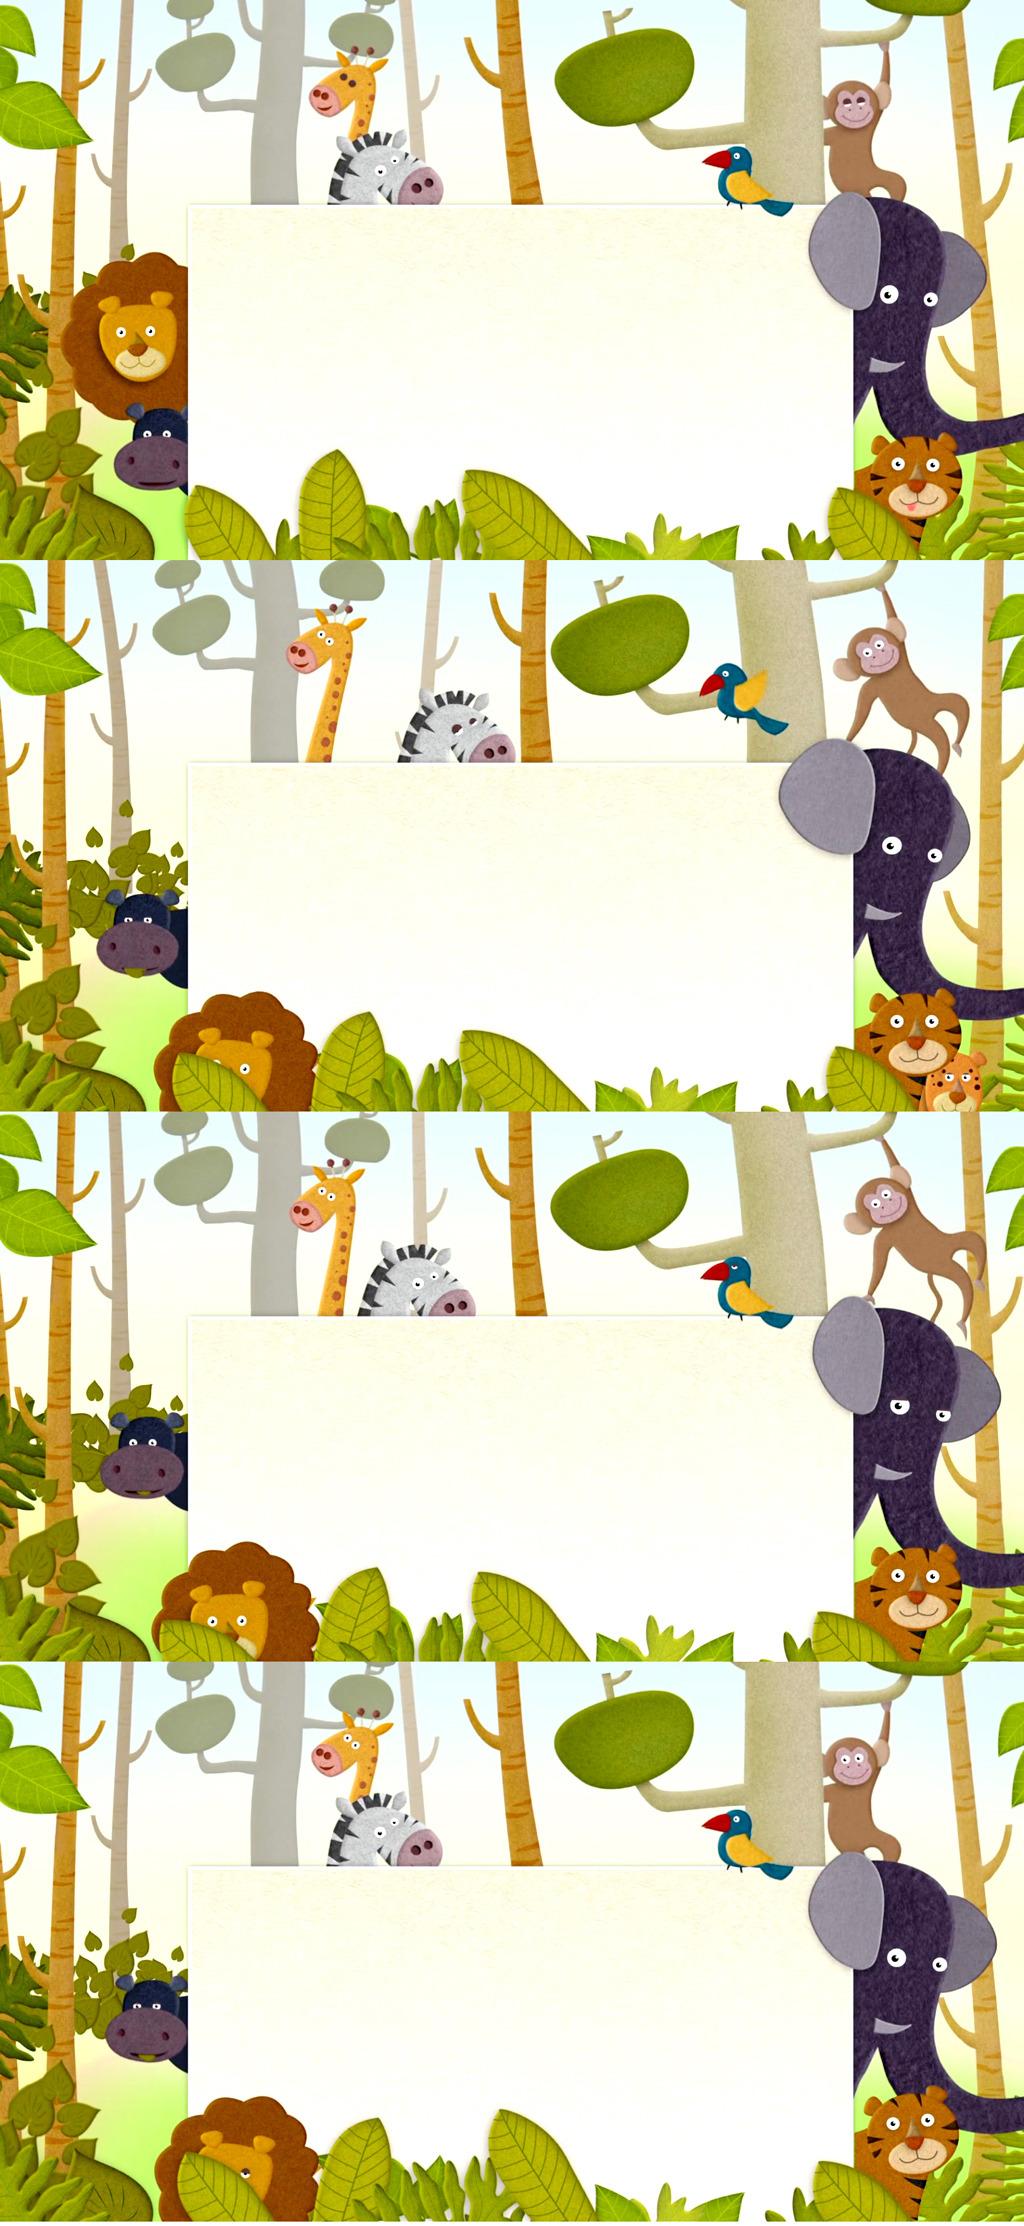 动态视频素材 动态|特效|背景视频素材 > 超清儿童节卡通动物园视频